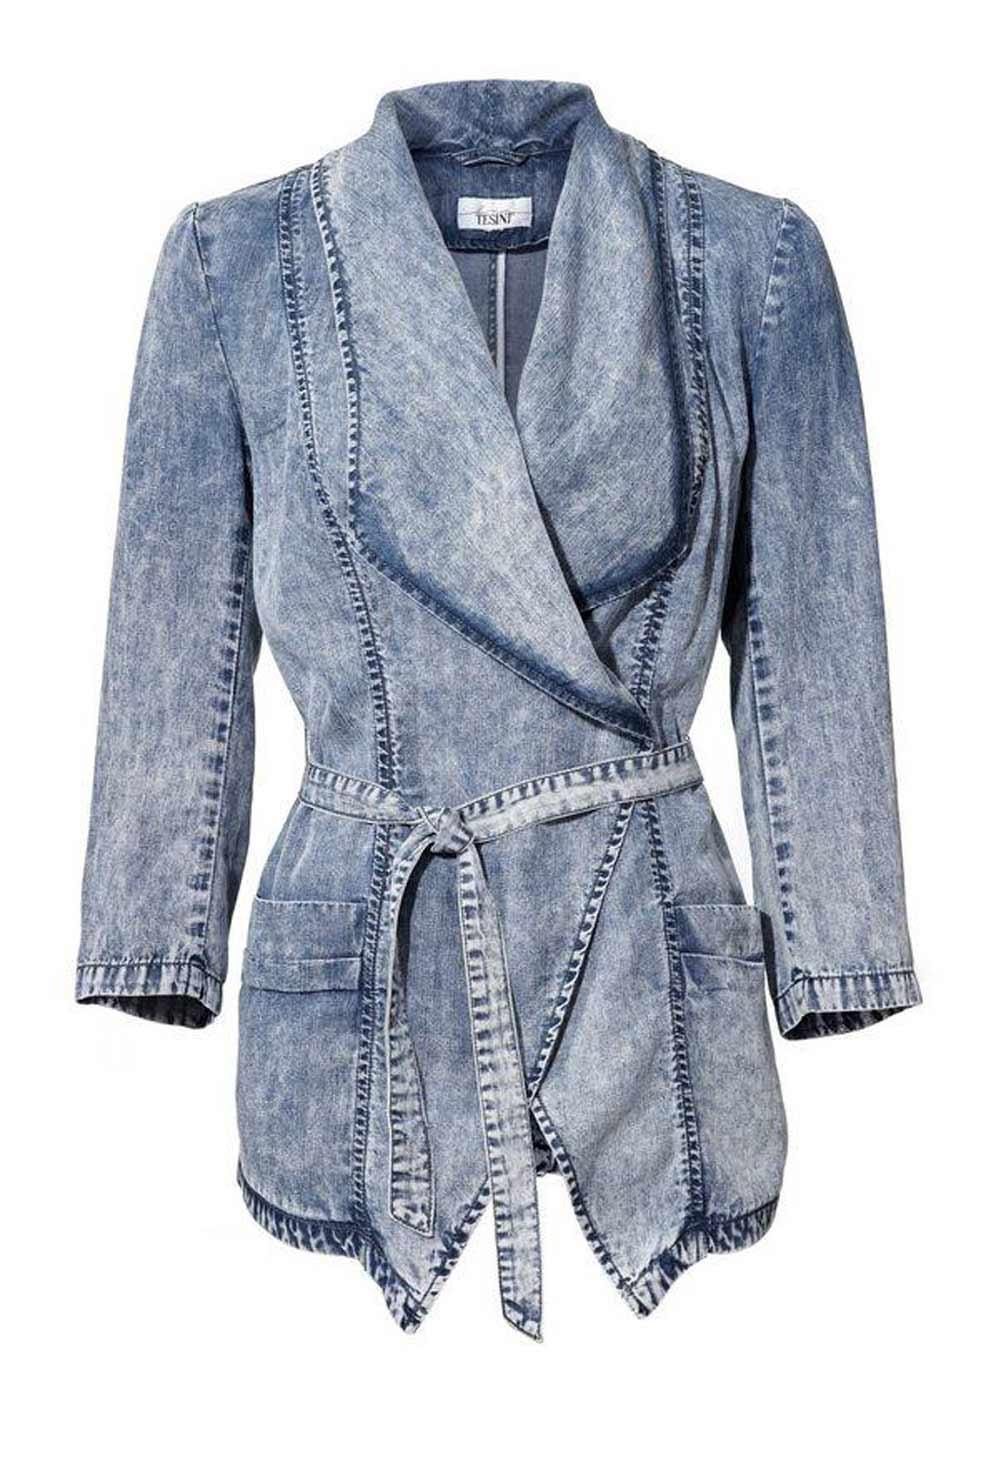 jacken auf rechnung bestellen als neukunde Linea Tesini Designer Damen-Jeansjacke Langjacke Mantel Denim tailliert Gürtel 091.833a MISSFORTY